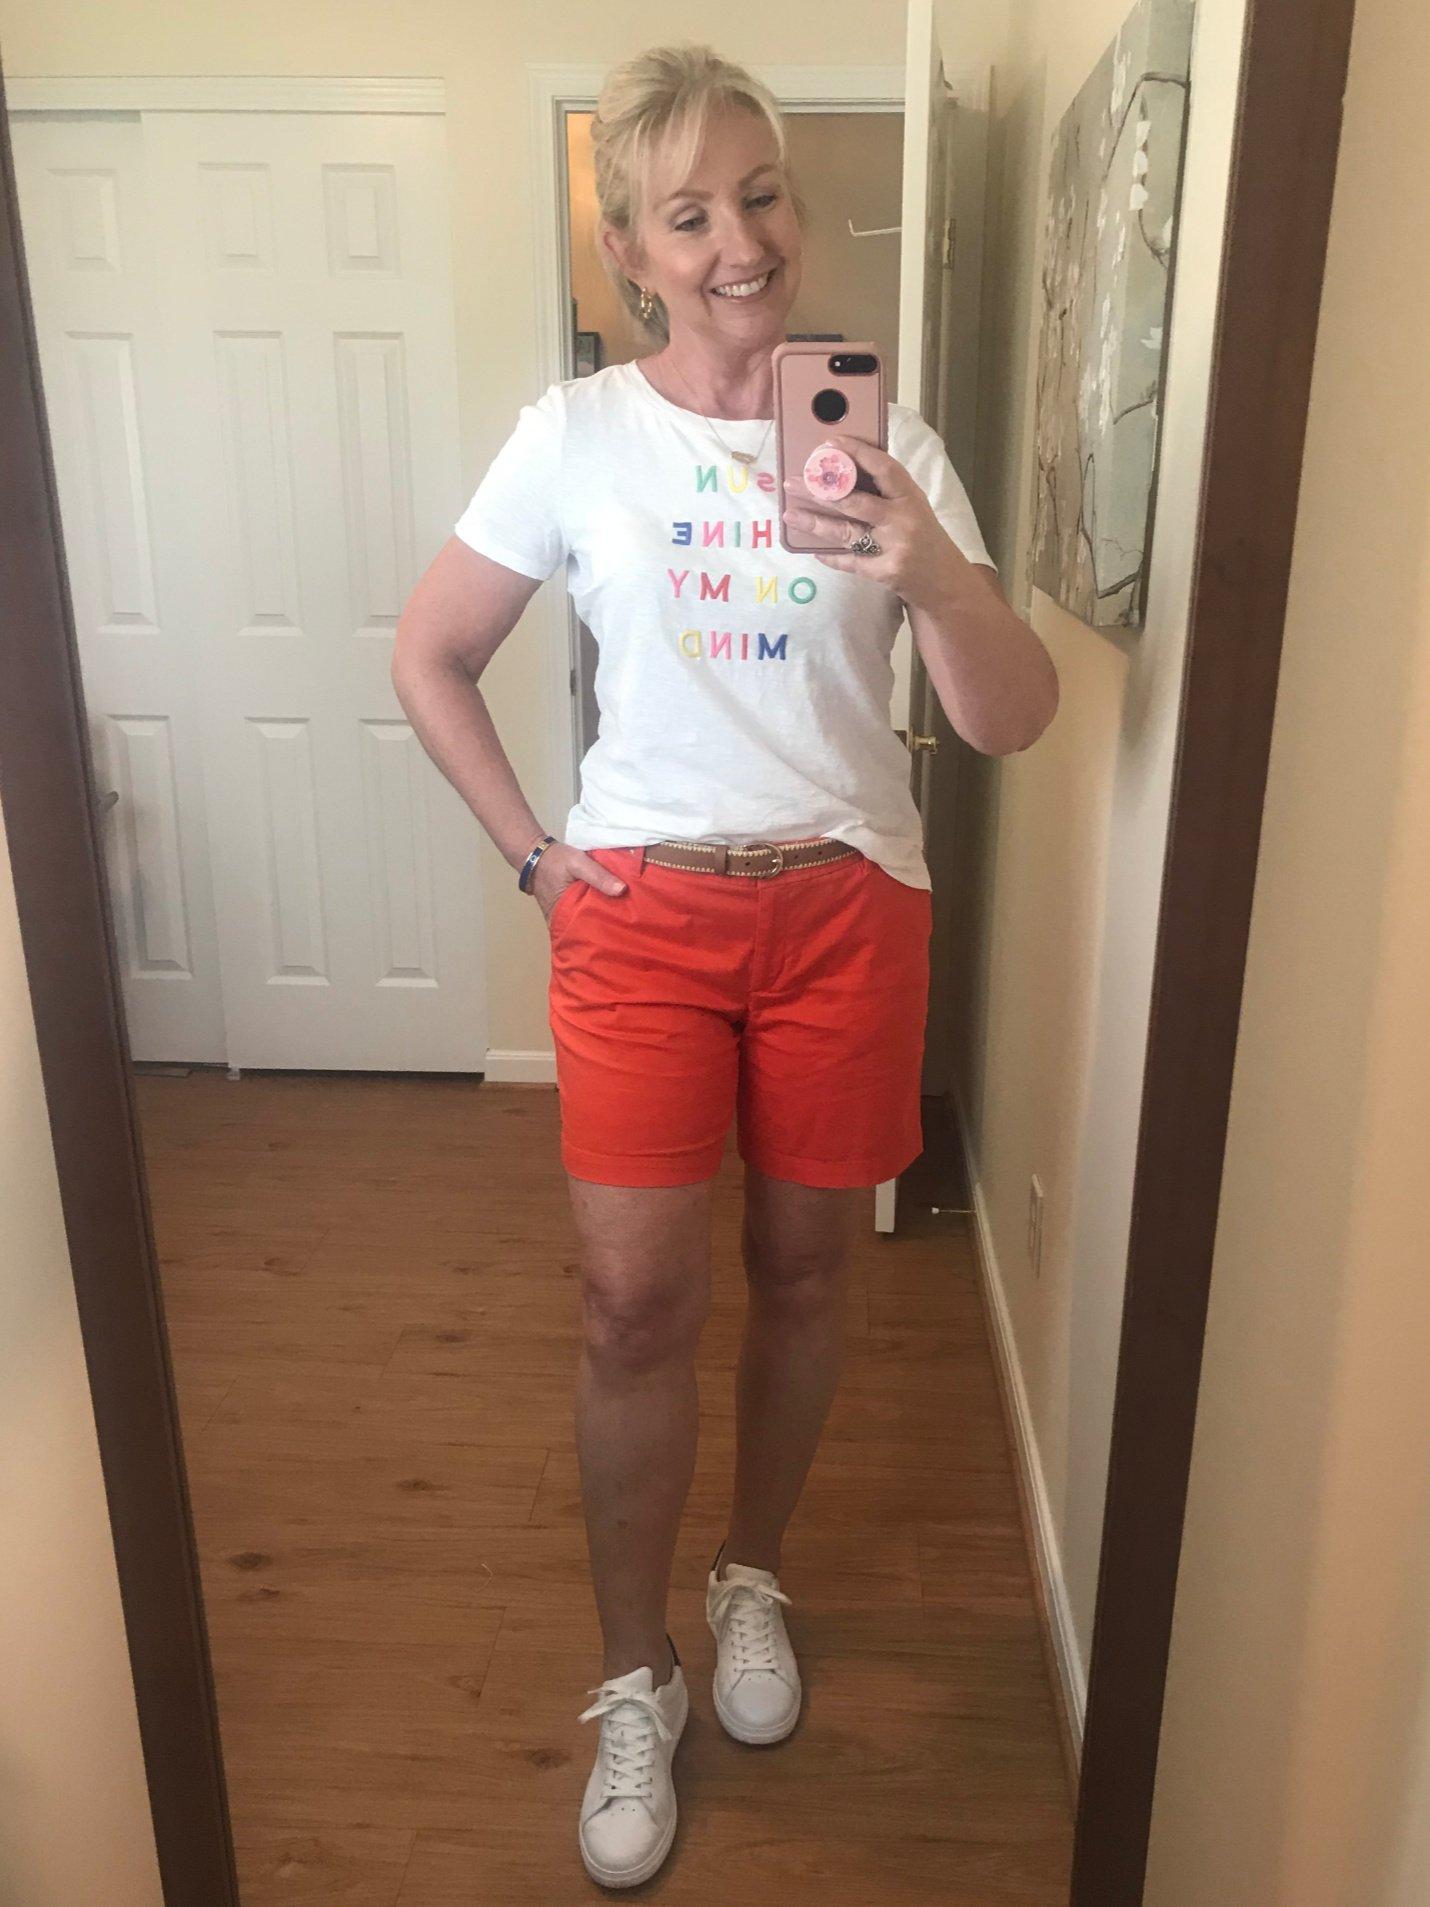 Orange Shorts and Tee